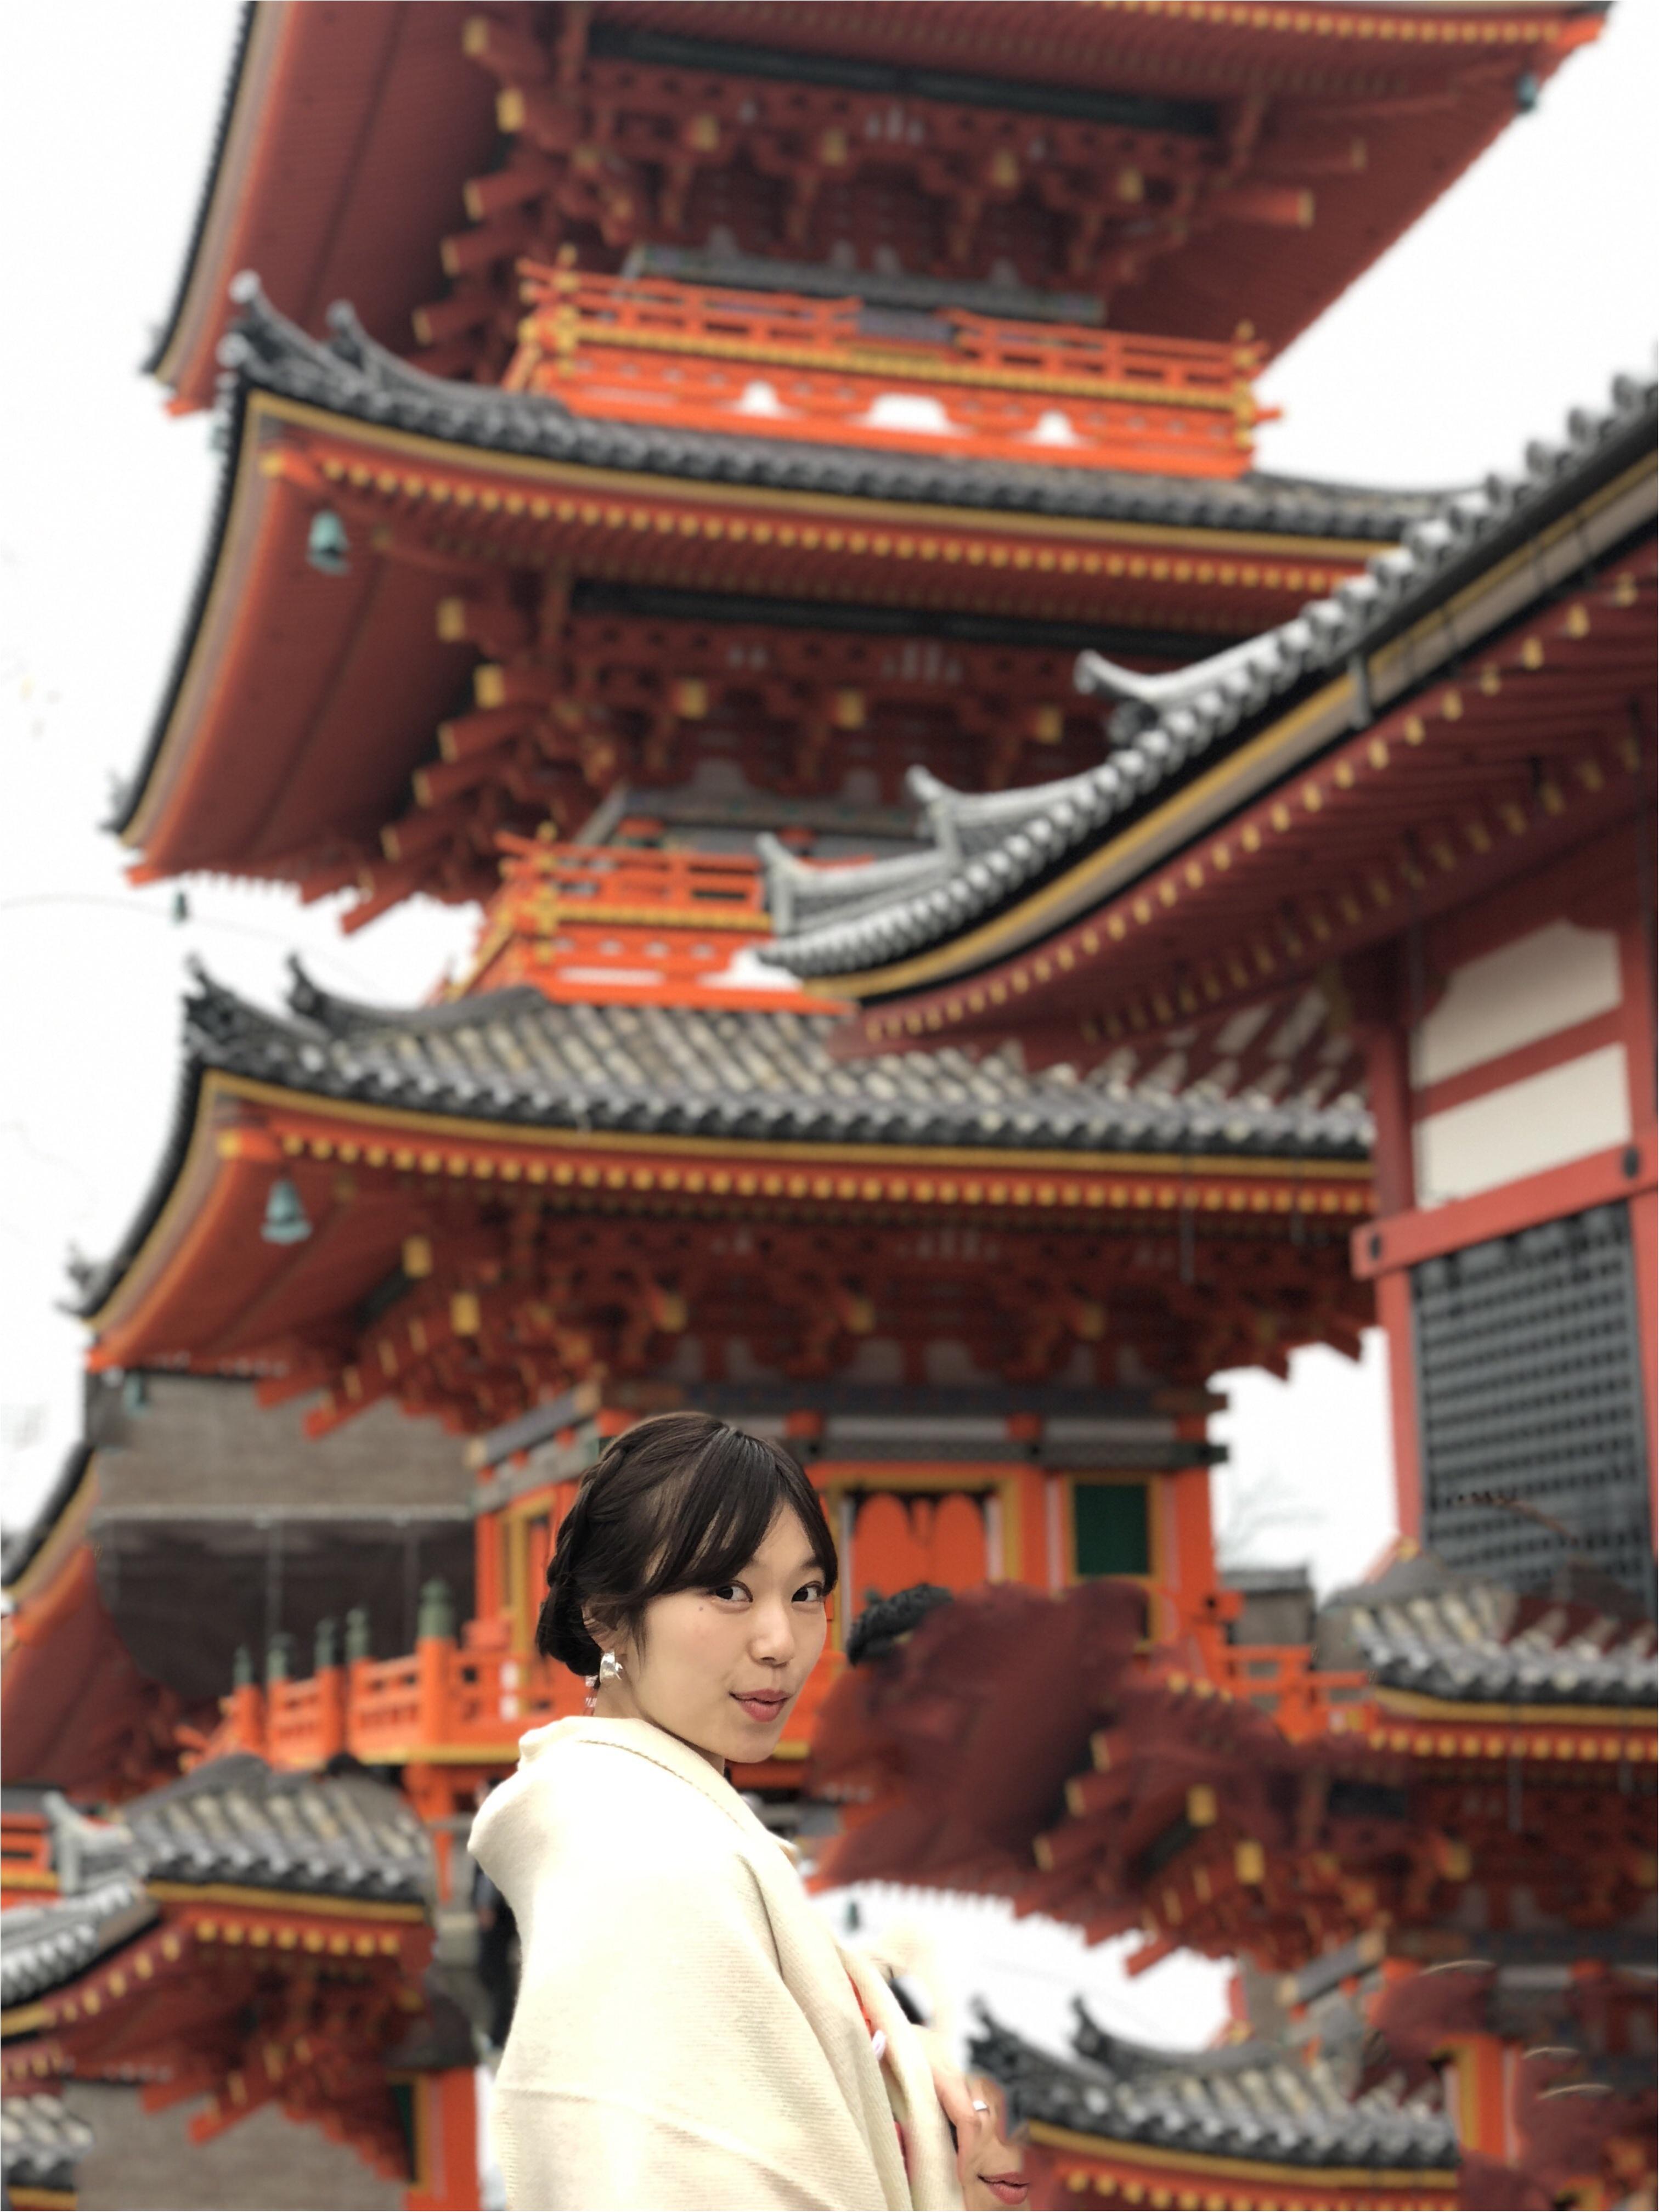 京都に行ったら〈着物〉が着たい!ということで、着物で向かった先は、、??_2